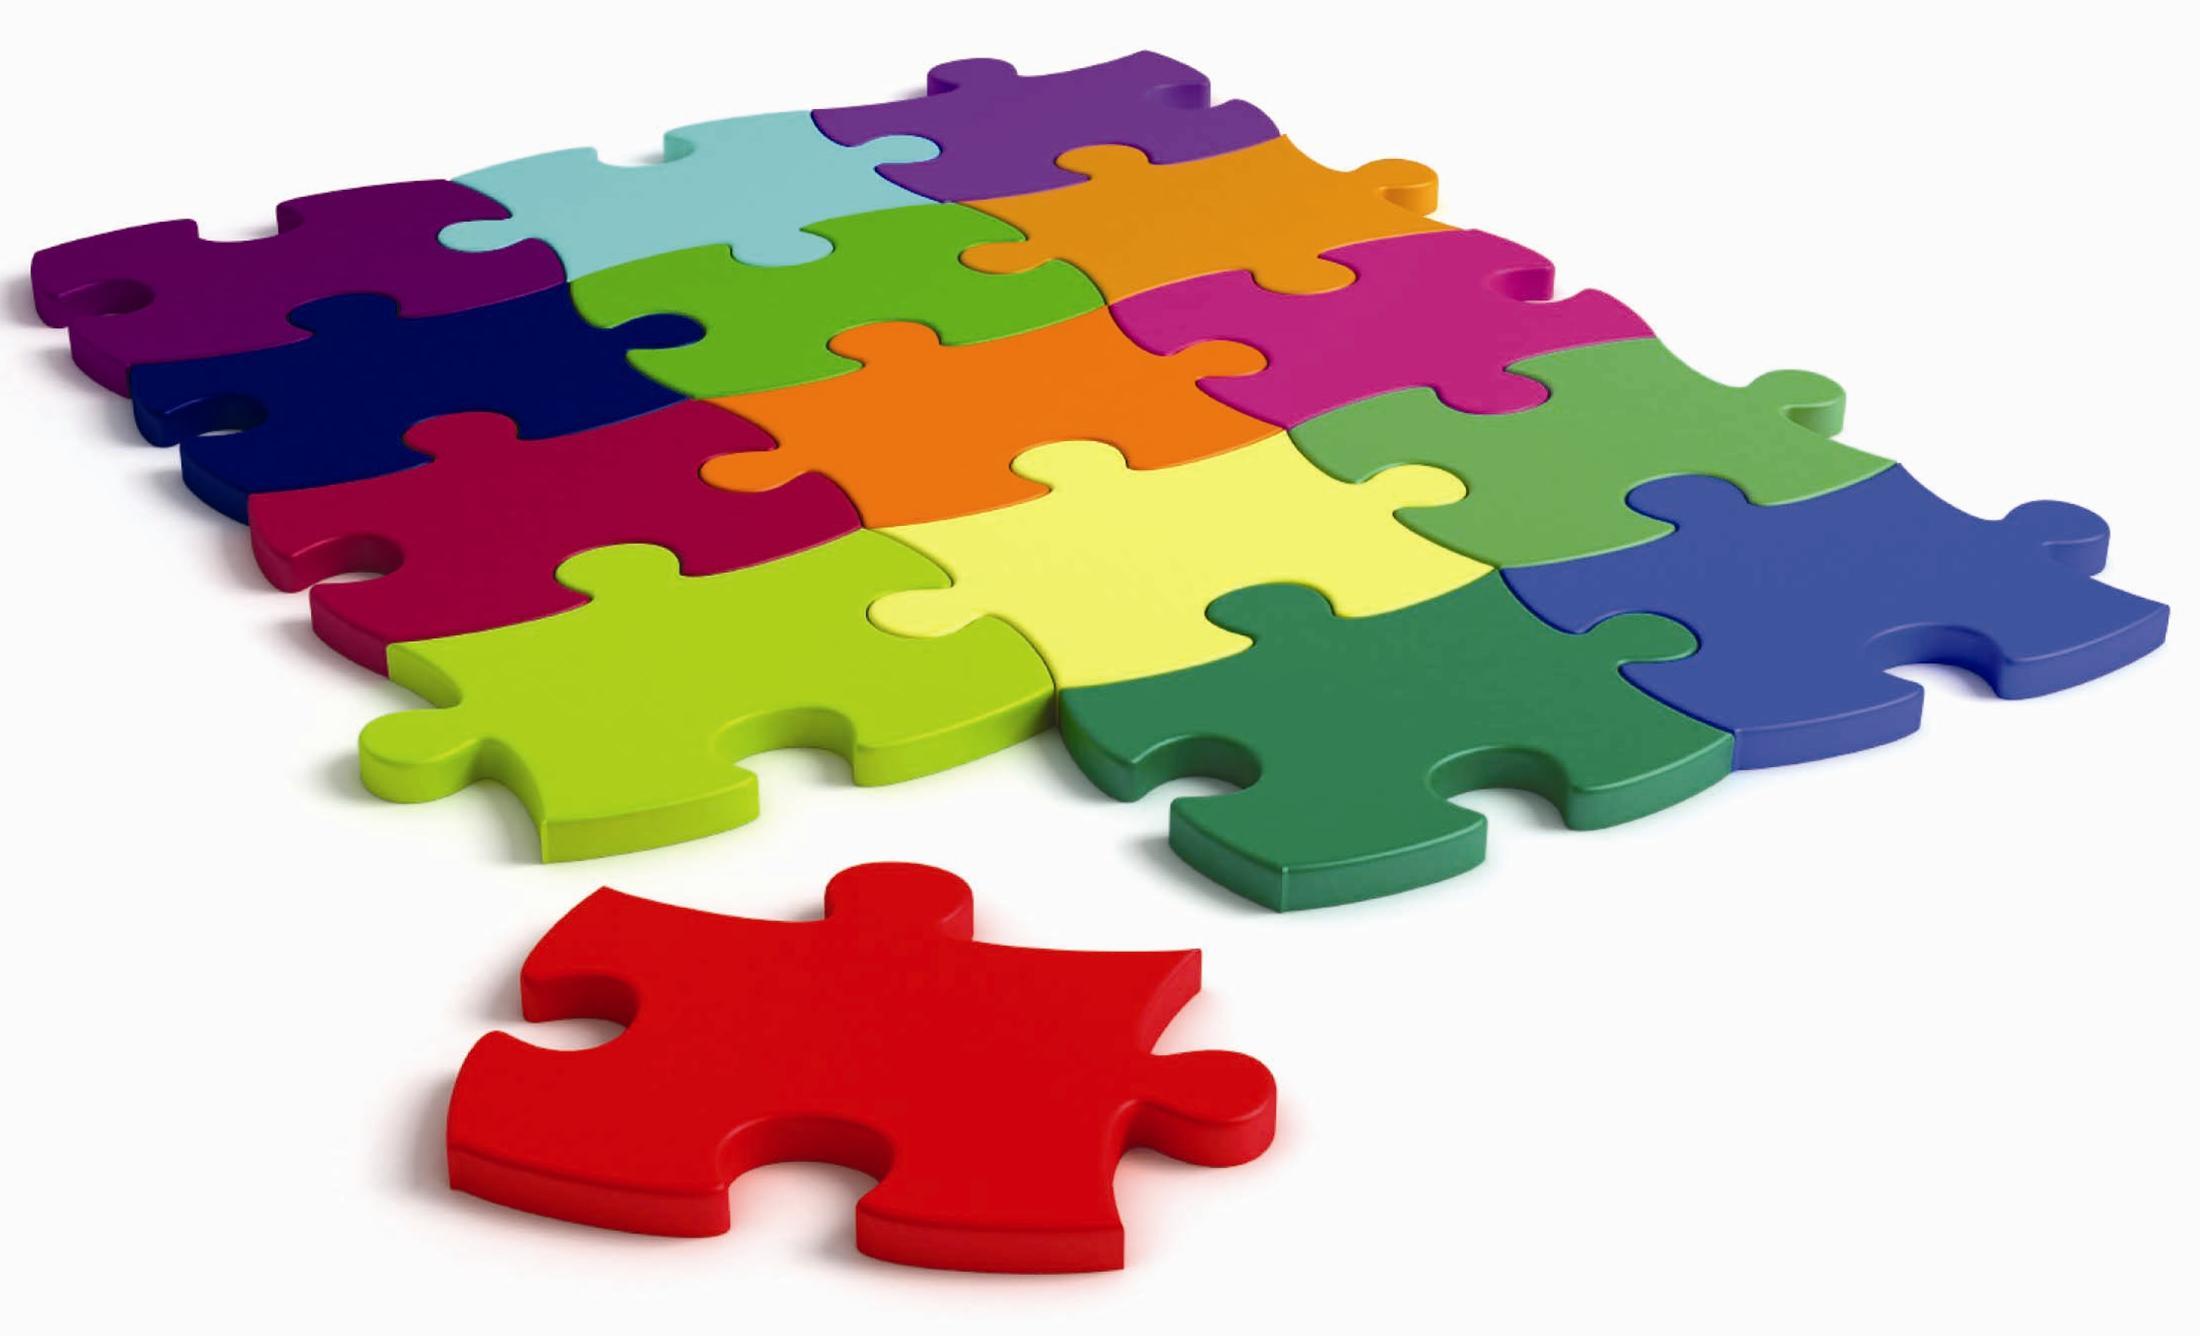 Puzzle - www.etfile.com